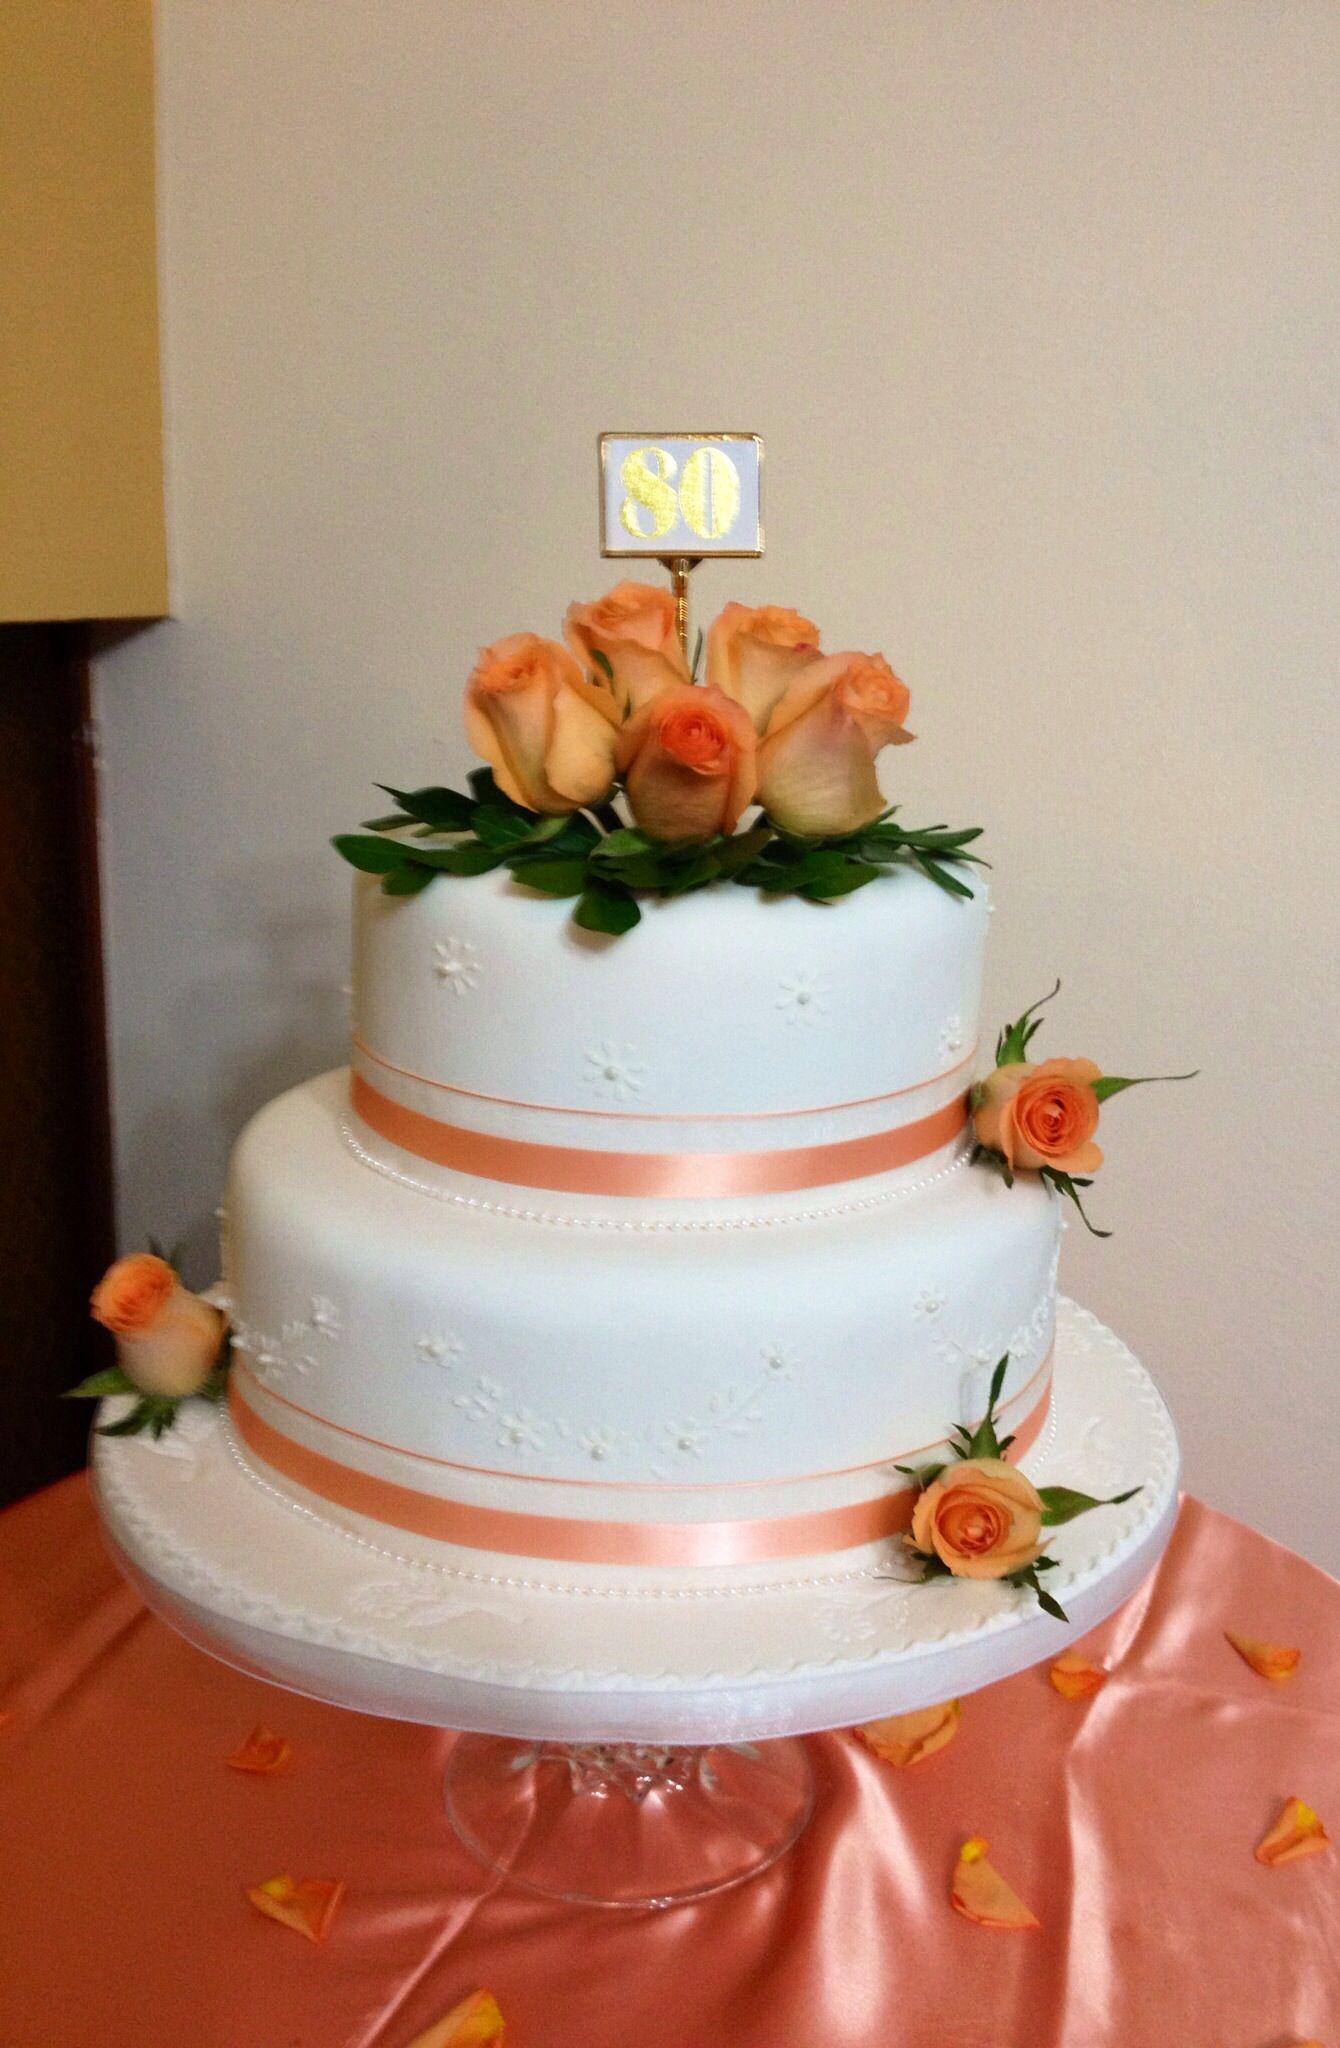 Felices 80 años cumplidos | Torta para fiesta, Tortas